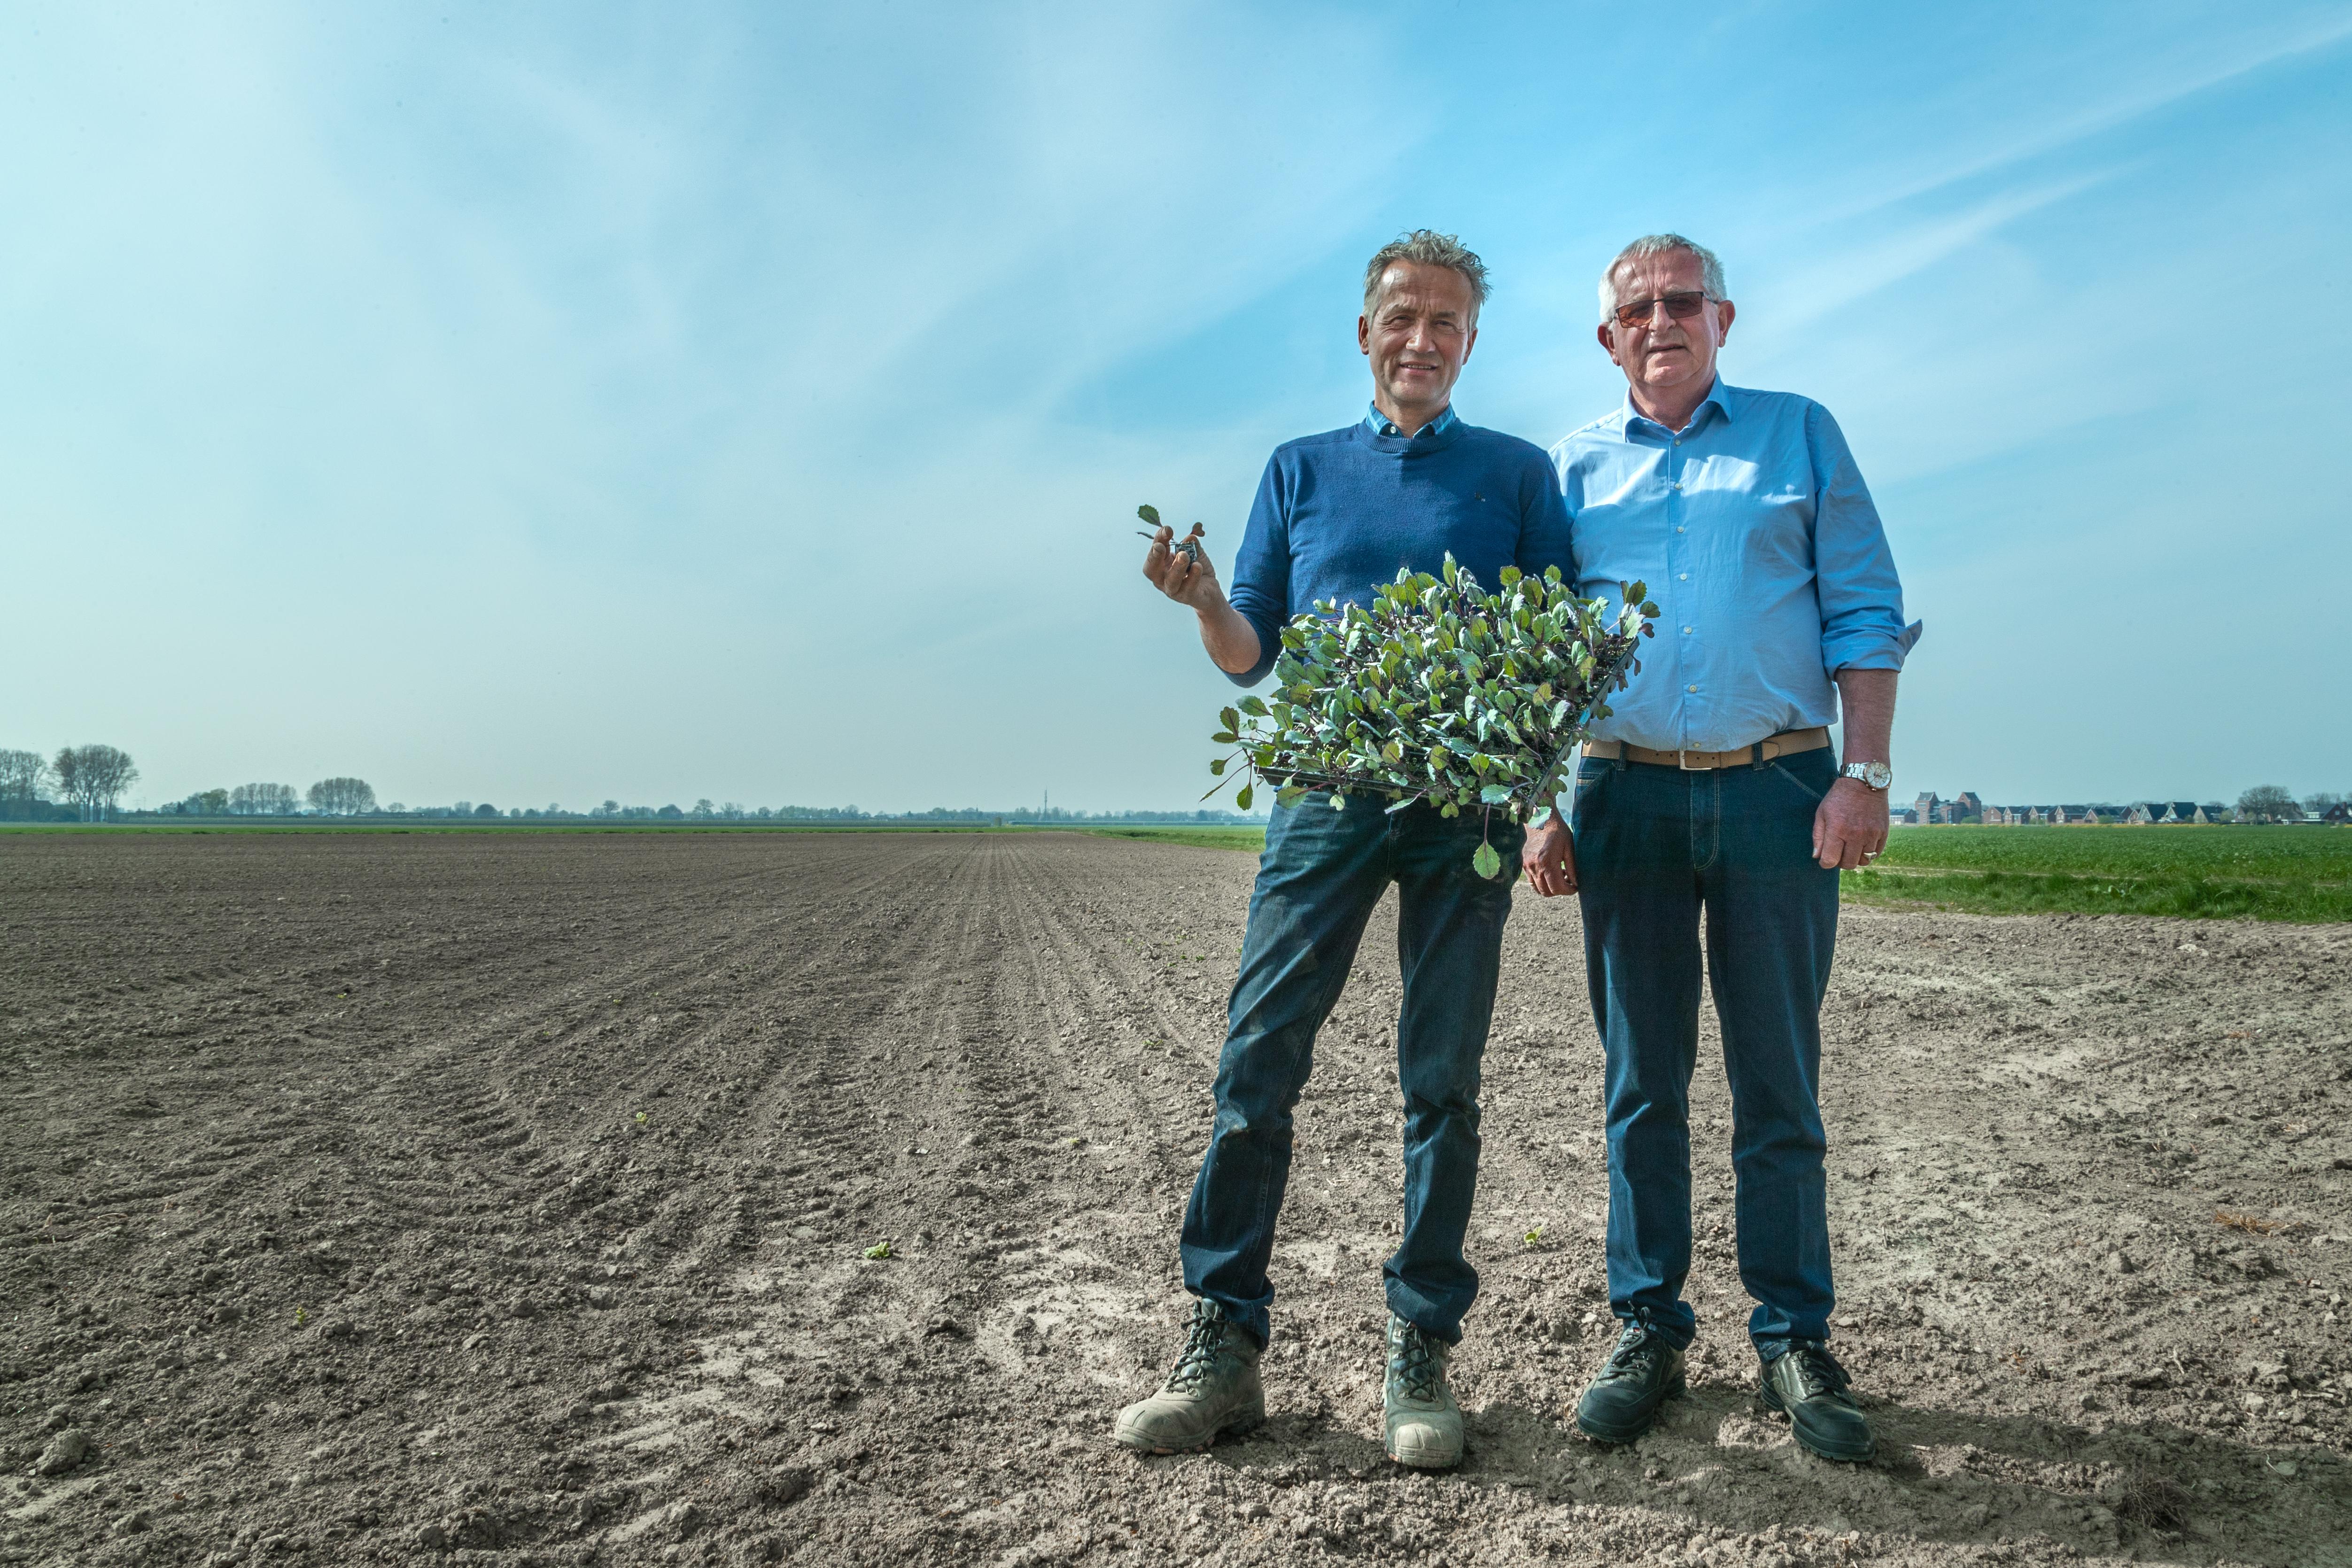 Wim Straver & Adri den Dekker